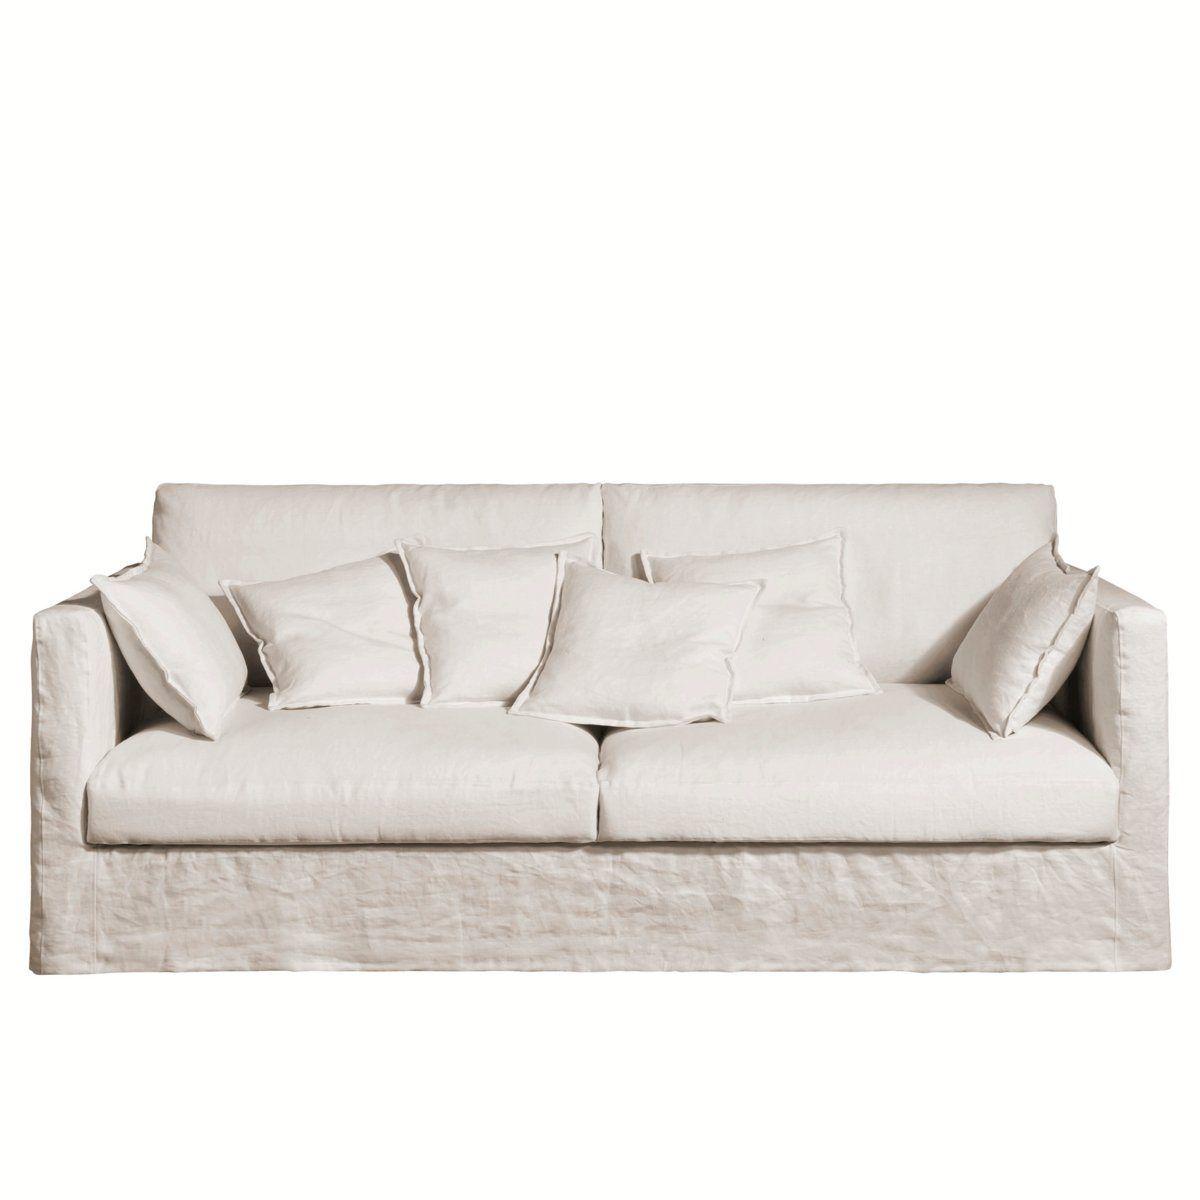 Petite Belgian Track Arm Slipcovered Sofa Fabric Repair Pin De Rena Skifte En Livingroom Pinterest Sofá